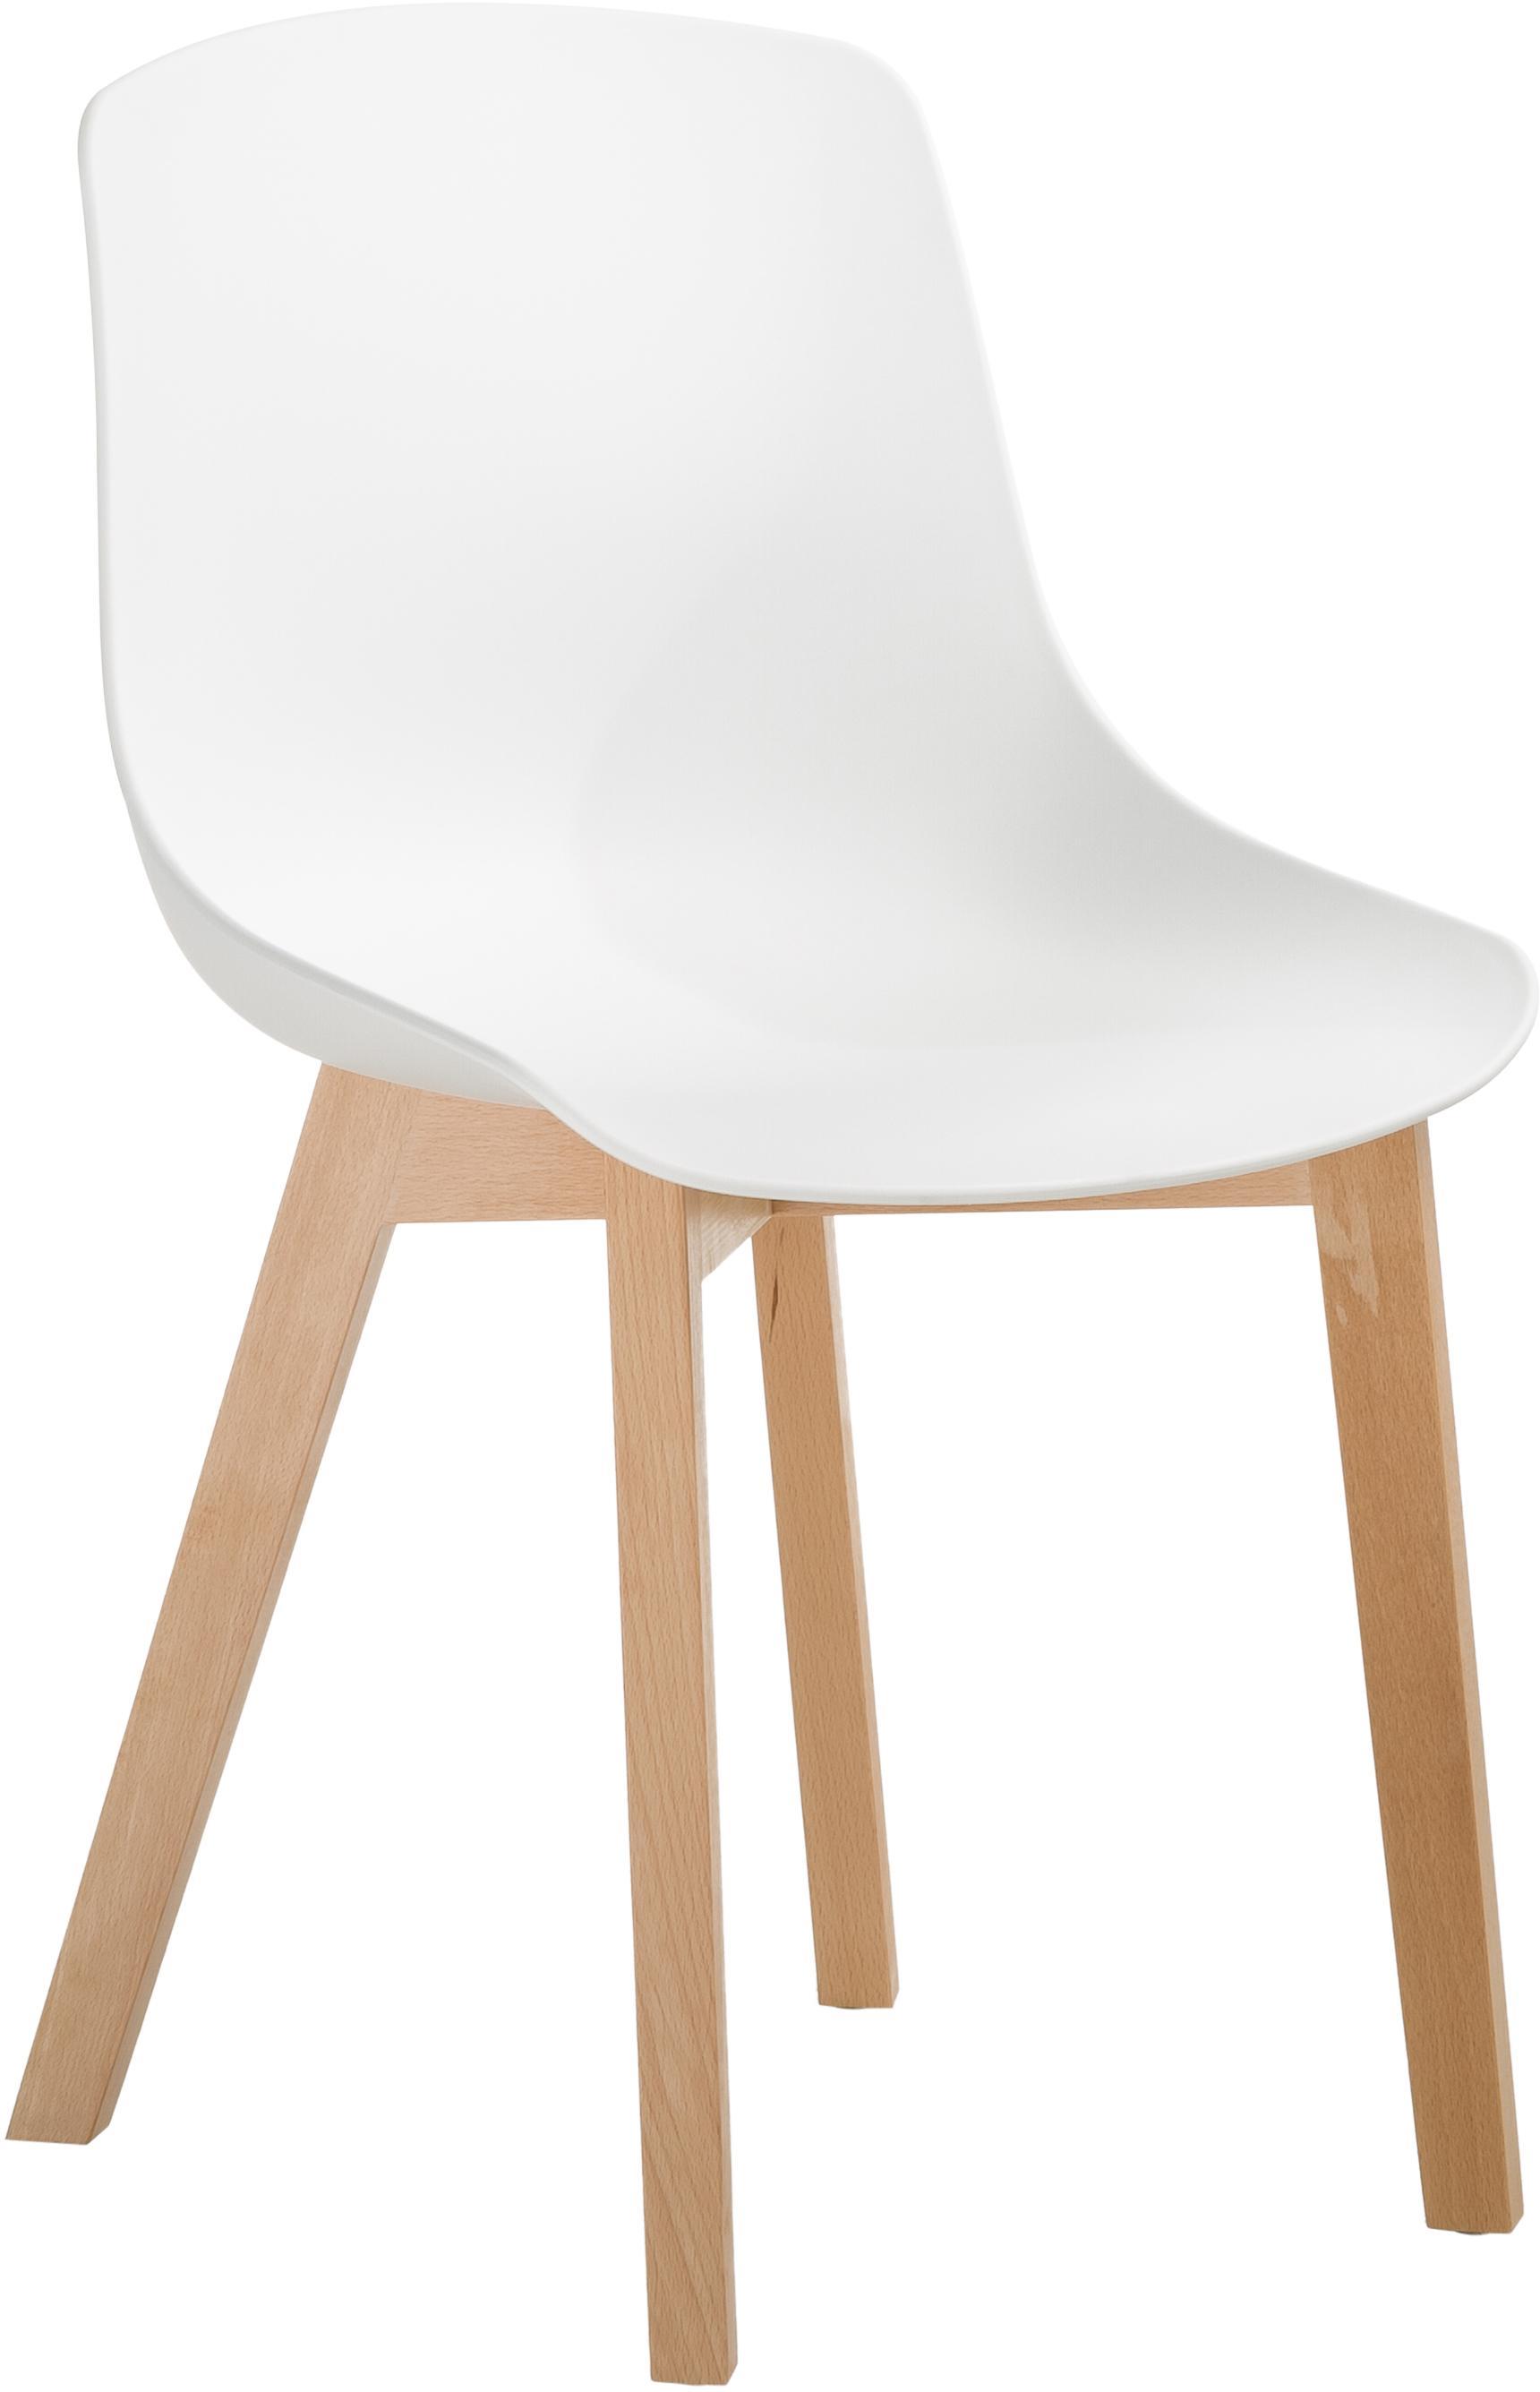 Kunststoffstühle Dave mit Holzbeinen, 2 Stück, Sitzschale: Kunststoff, Beine: Buchenholz, Weiss, B 46 x T 52 cm